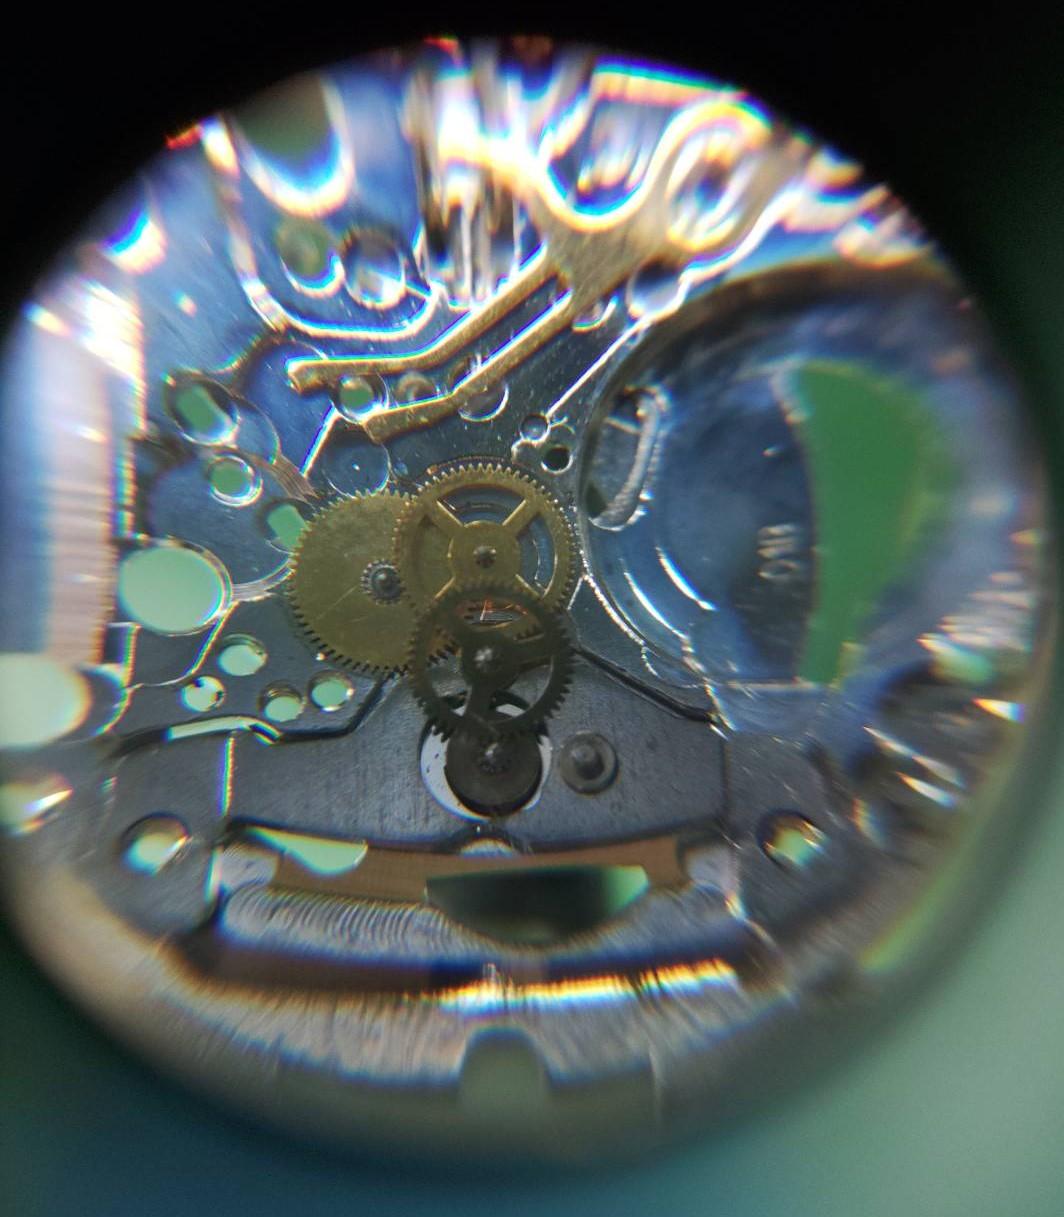 ウォルサムの電池交換オーバーホール外装磨きは新潟万代ブローチ時計修理工房